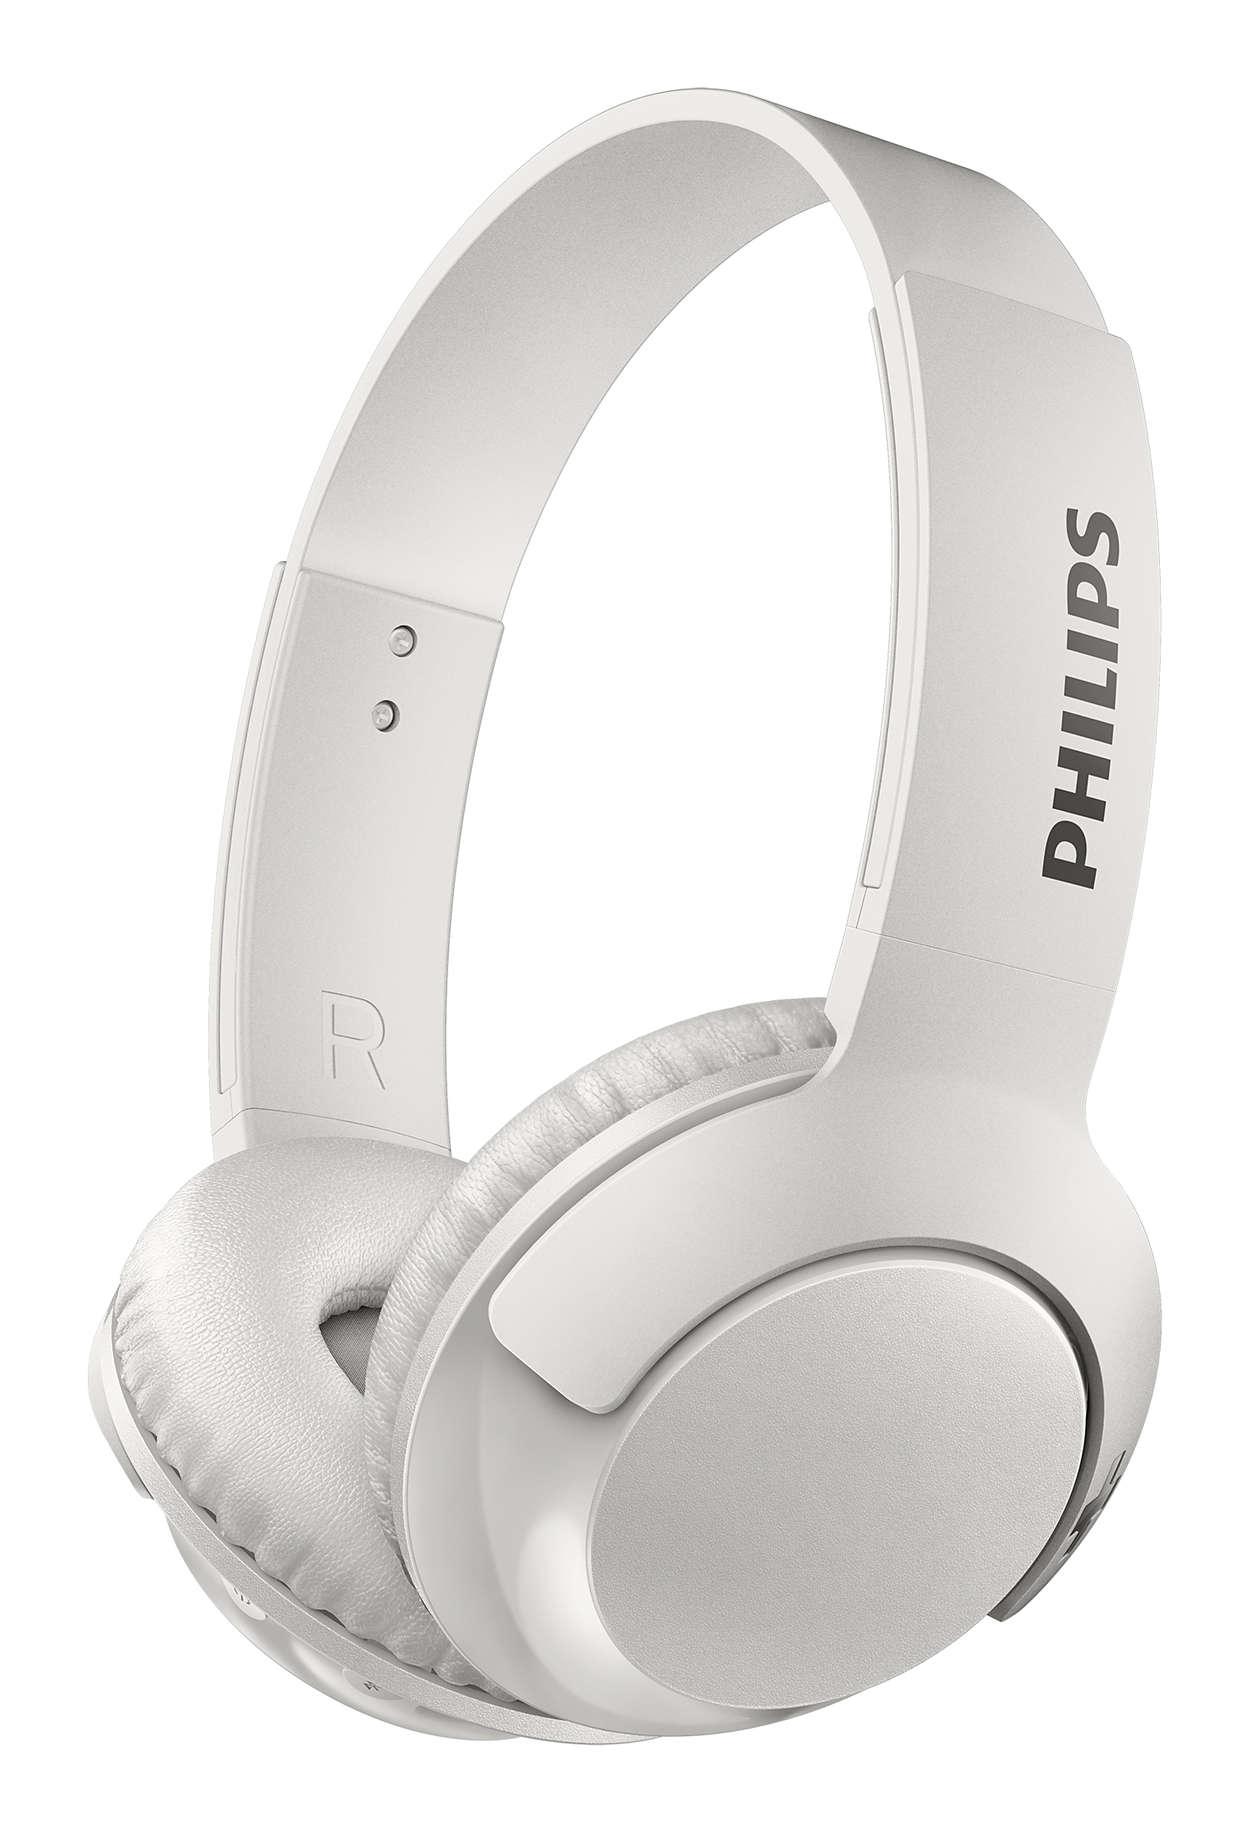 BASS+ Trådløse hodetelefoner med mikrofon SHB3075BK00 | Philips